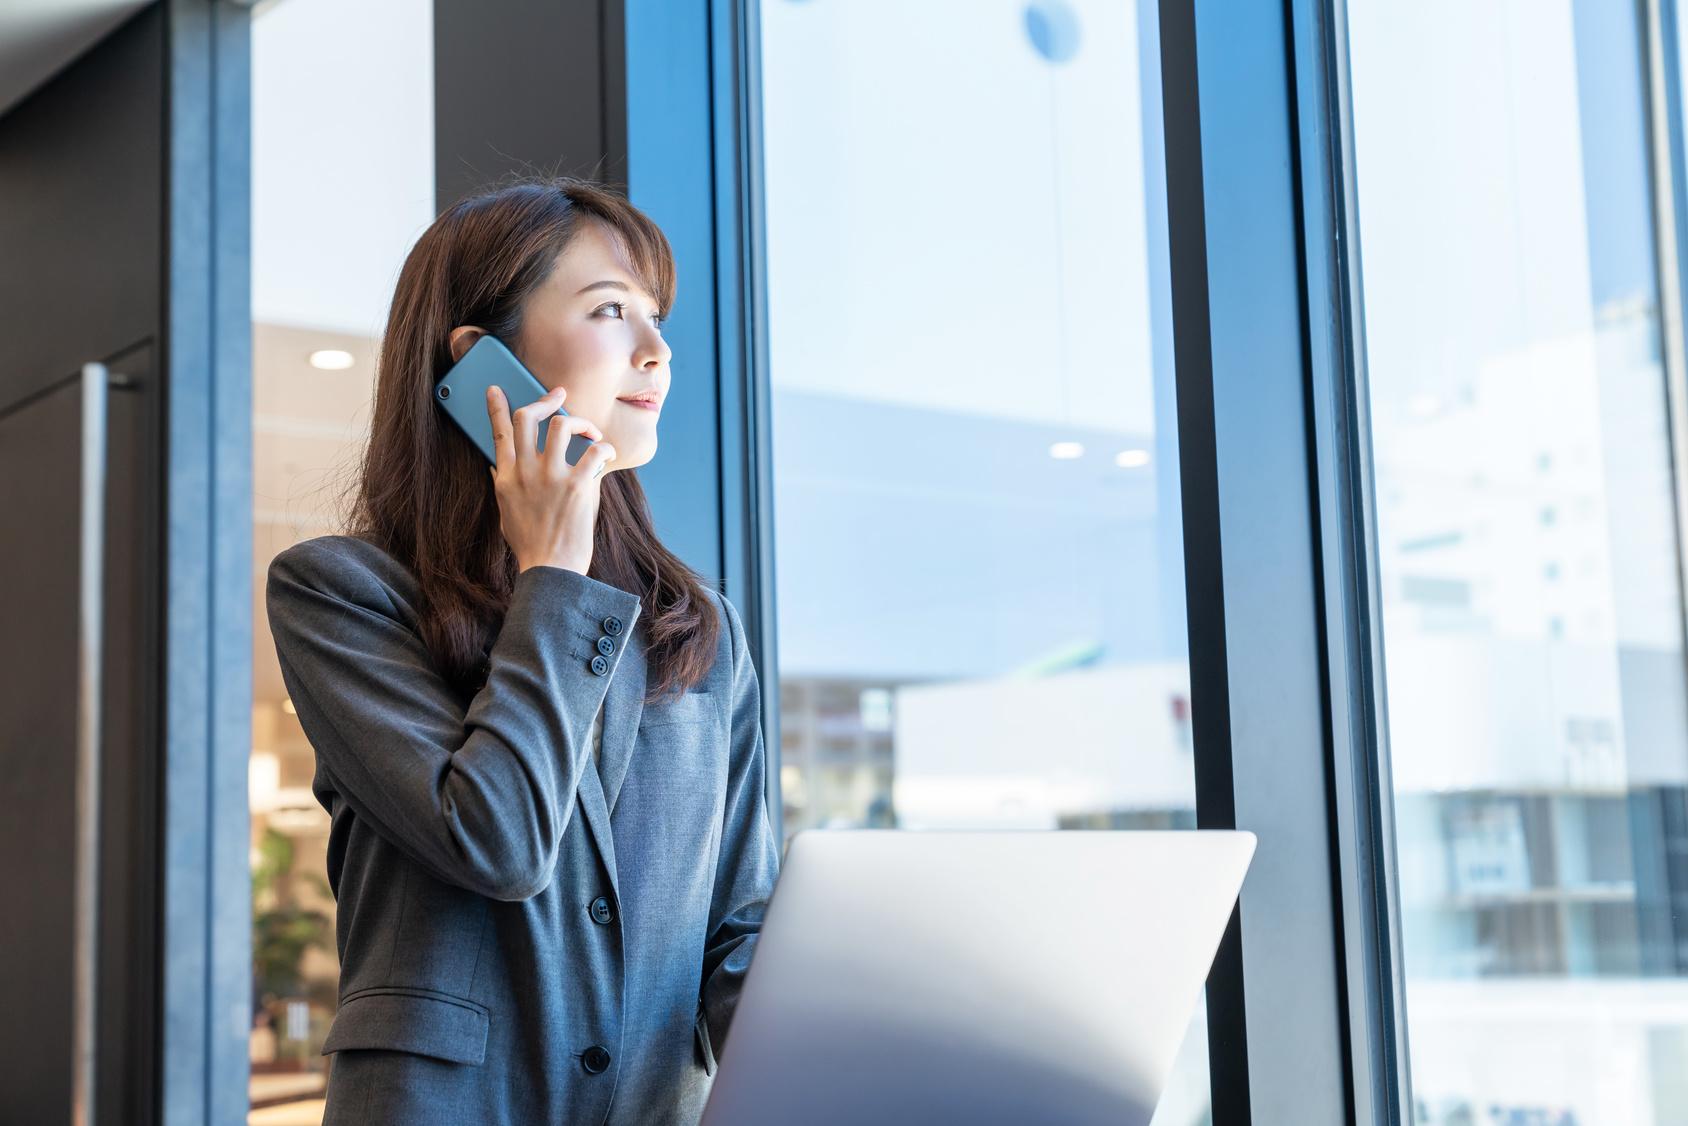 【エアライン業界・航空会社】企業研究のやり方とポイントを元CAと内定者がアドバイス!